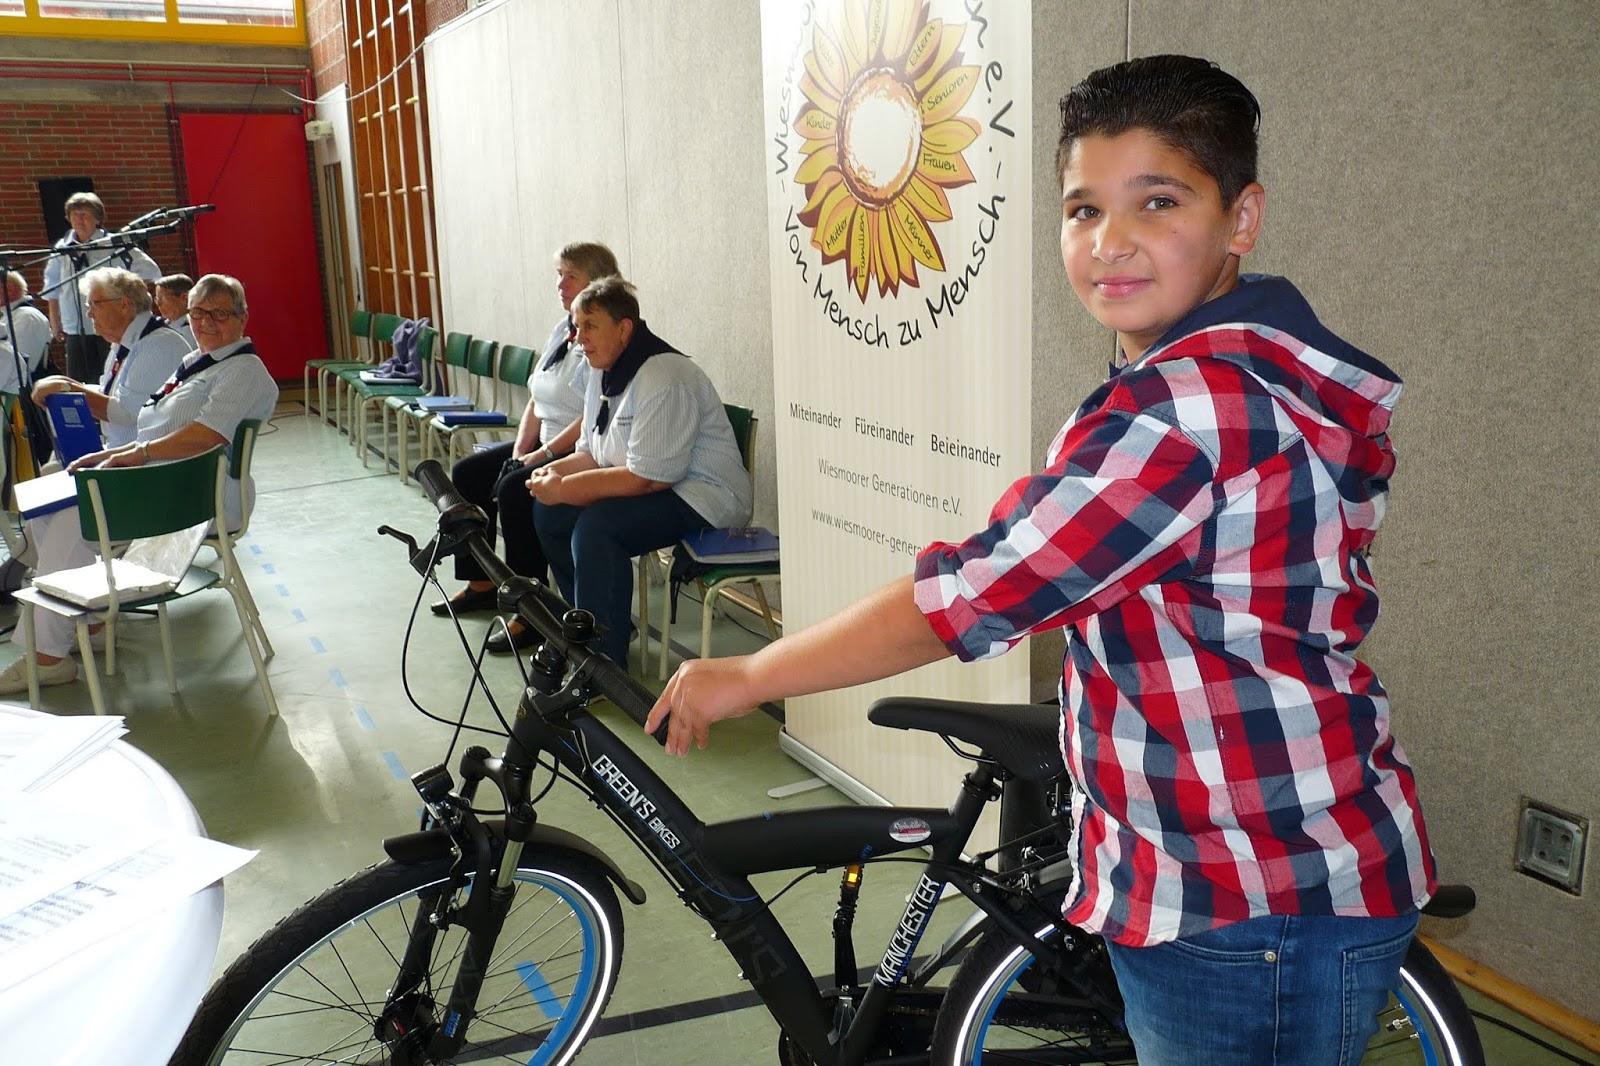 Mohammed mit dem neuen Rad -  Quelle: Hans-Jürgen Adams - Wiesmoor Info Blogspot